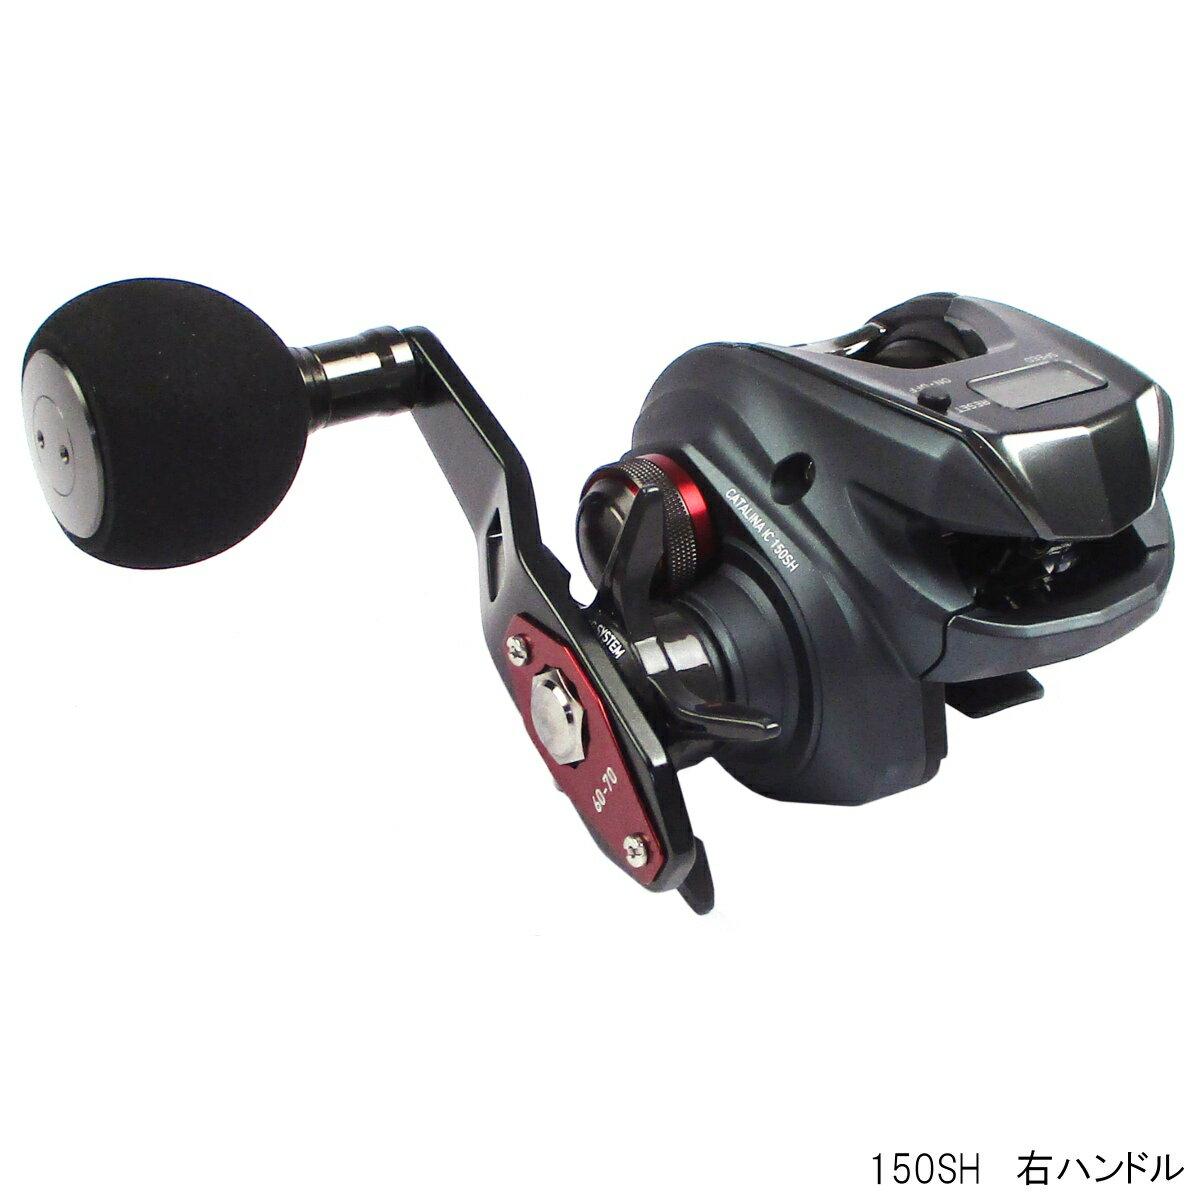 ダイワ キャタリナ IC 150SH 右ハンドル【送料無料】